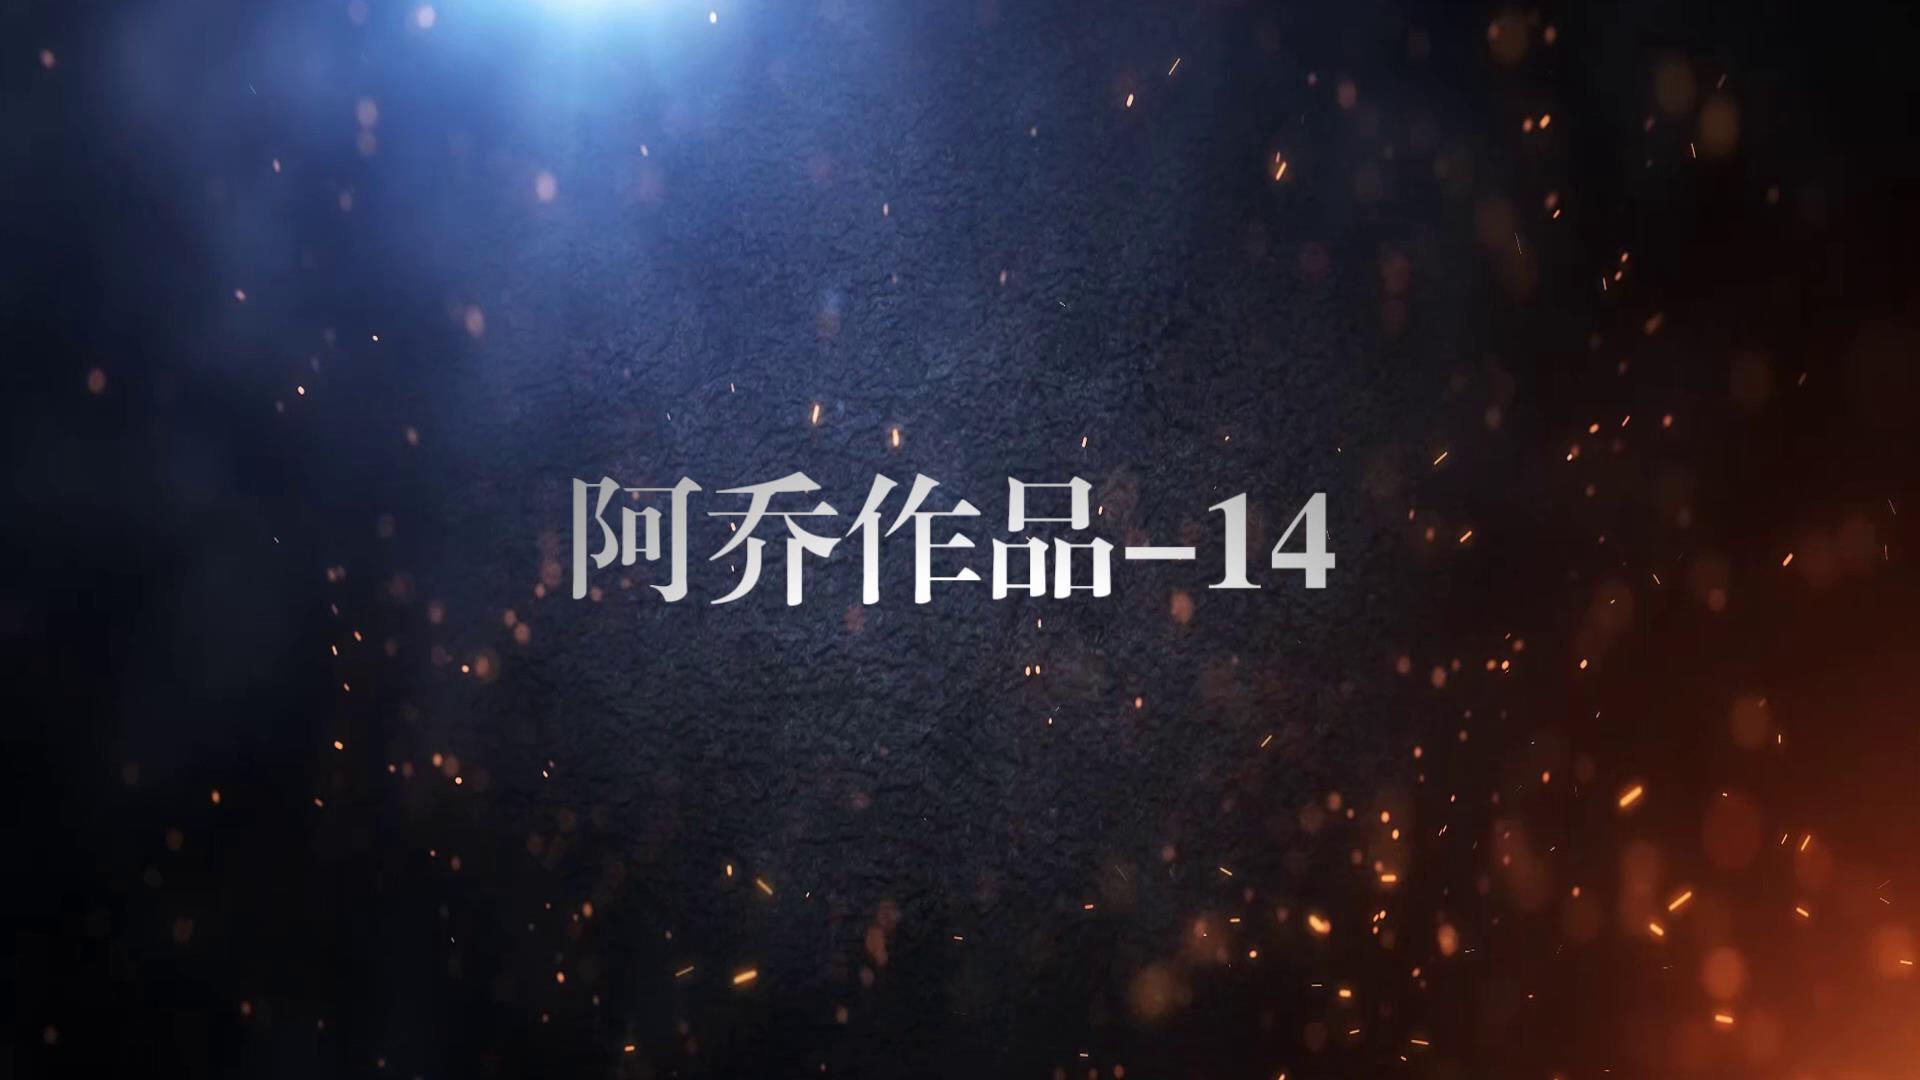 JOE\-24震撼大气粒子飞舞图文企业年会宣传